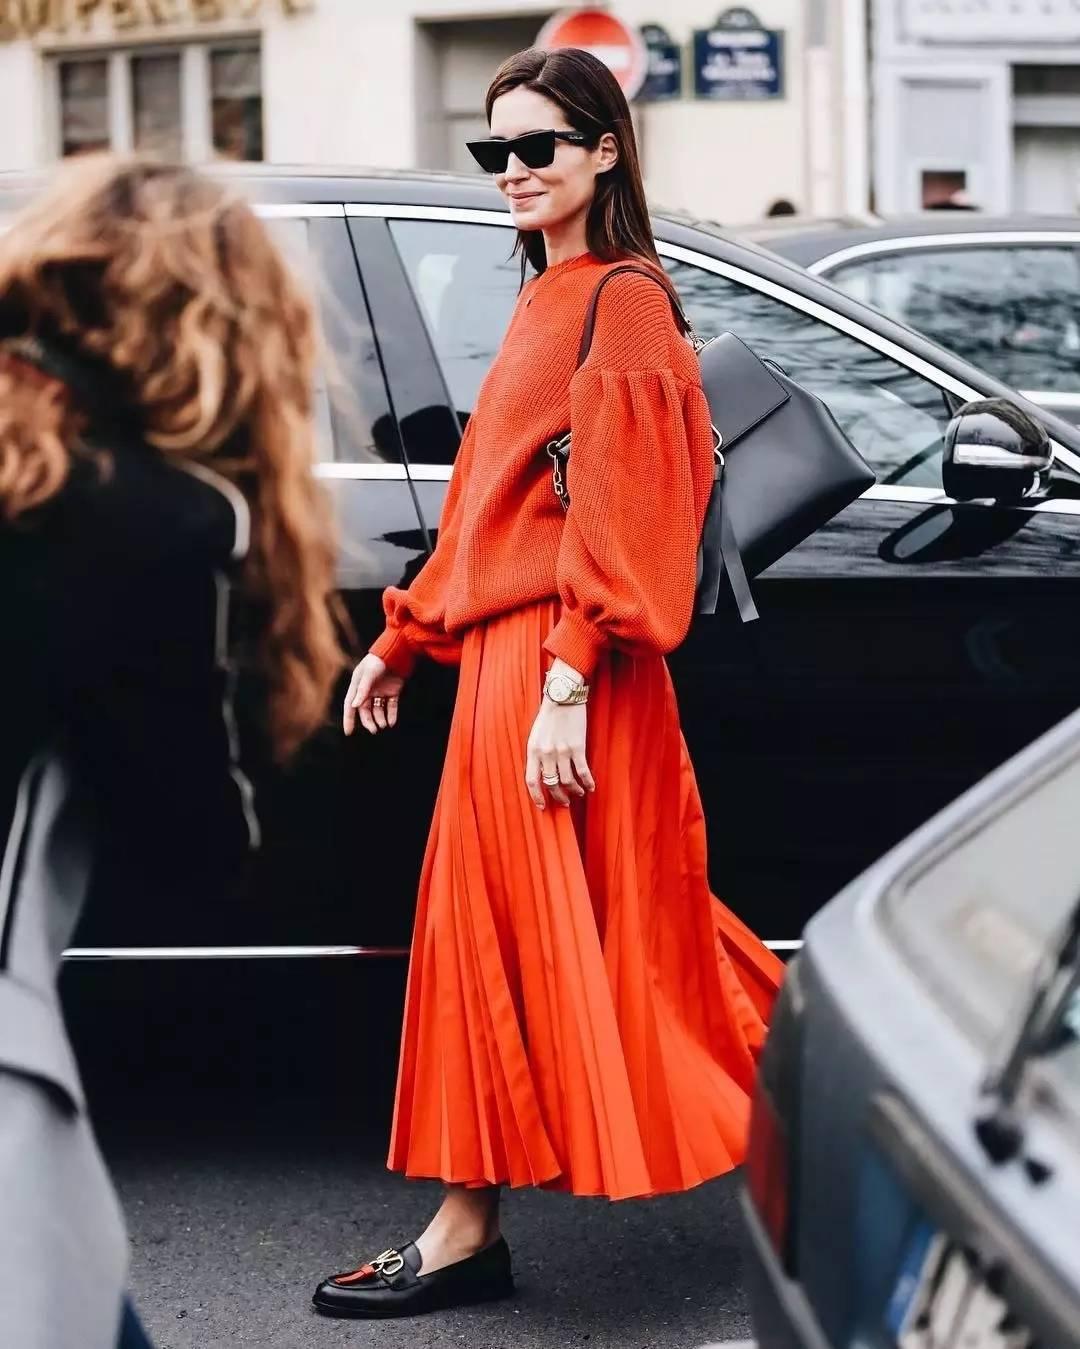 大毛衣+半裙 2020的气质通勤装就靠它了! 时尚家庭 第8张